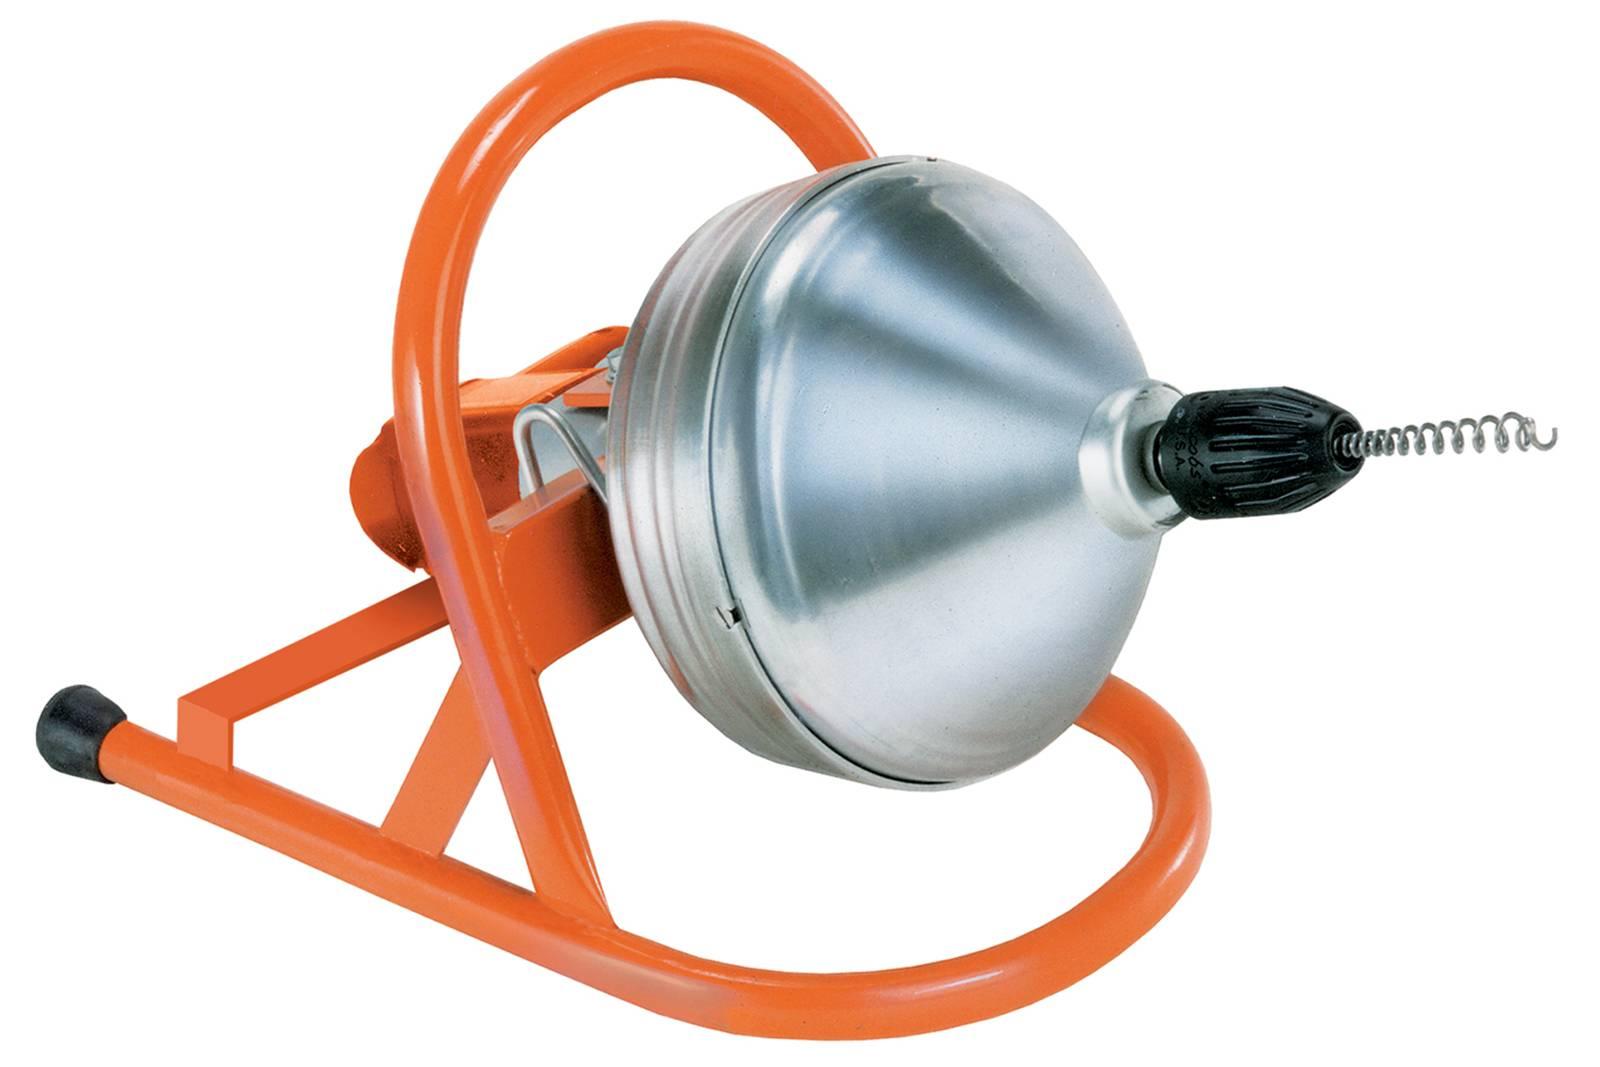 Крот для чистки труб: виды, состав и инструкция по использованию чистящего средства от канализационных засоров